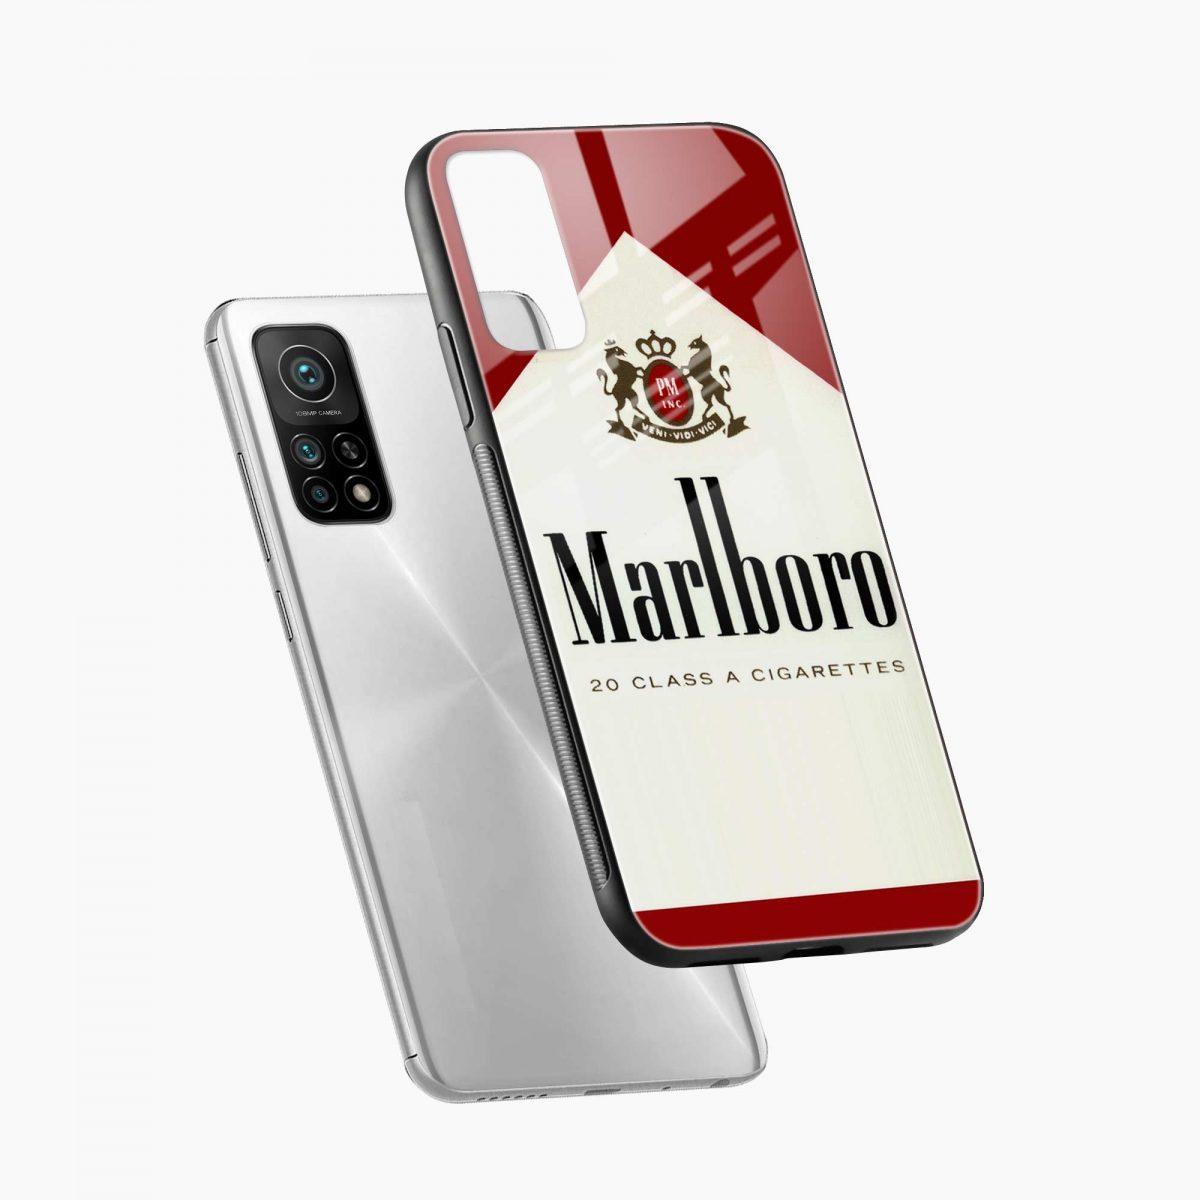 marlboro cigarette box xiaomi mi 10t pro back cover diagonal view